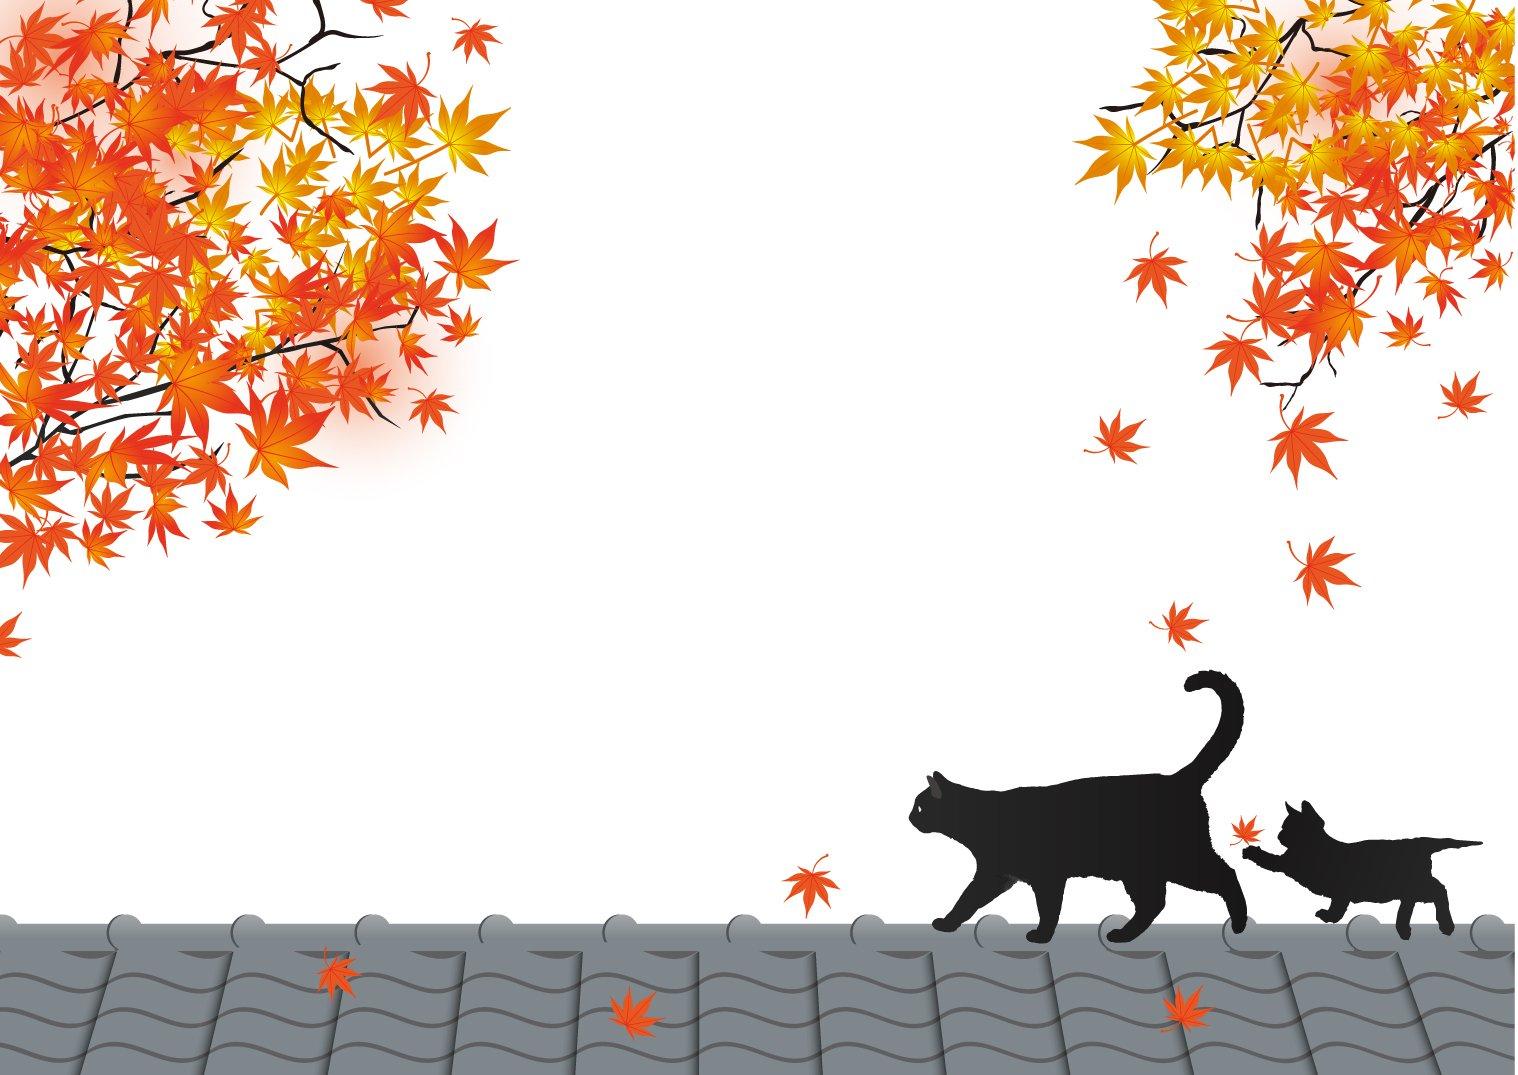 猫のおしゃれな無料イラスト集!フリー素材からシルエットや壁紙画像